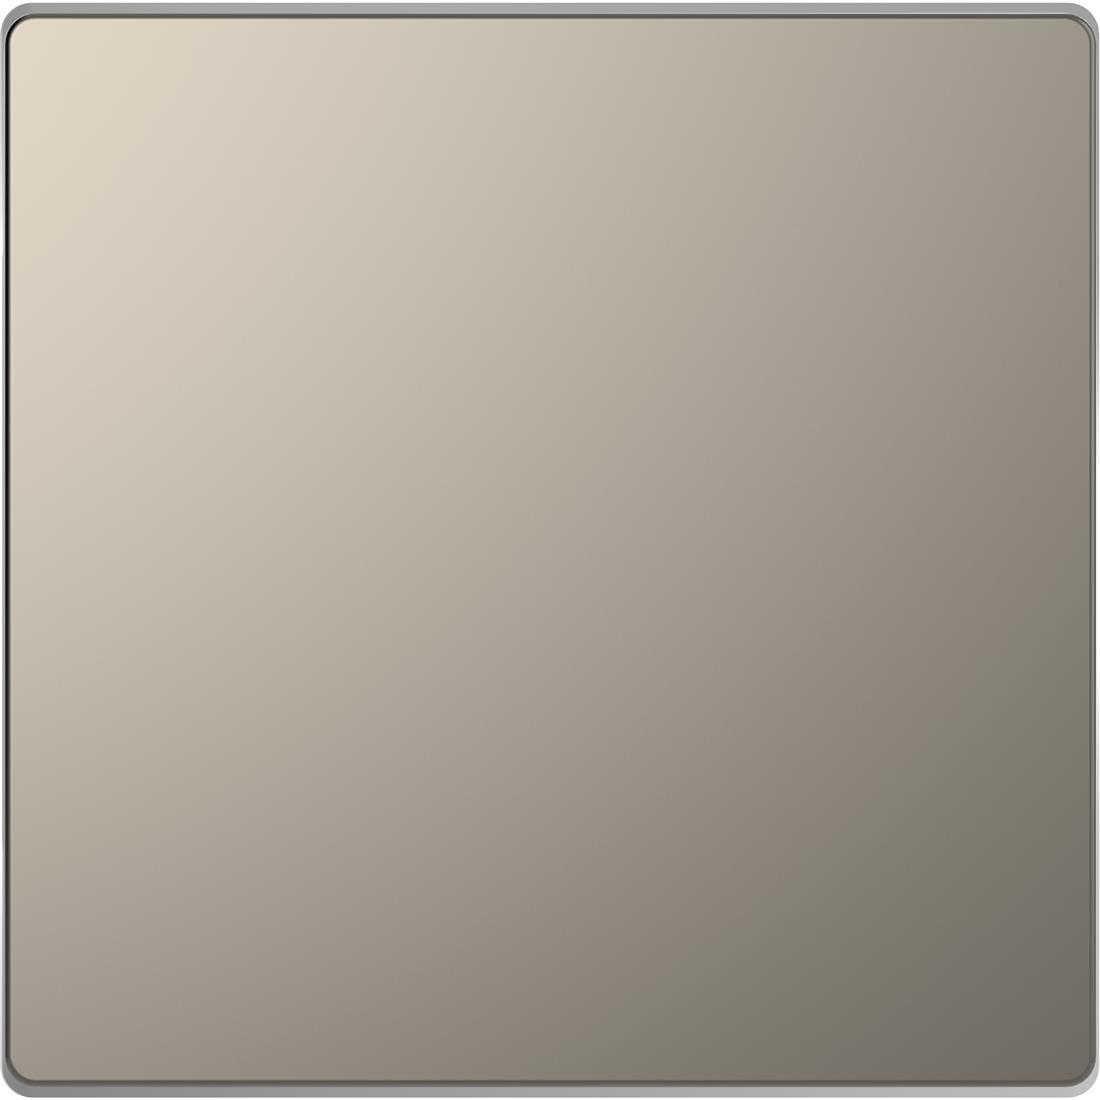 Schneider-Merten D Life schakelwip voor wisselschakelaar - nikkel metallic (MTN3300-6050)